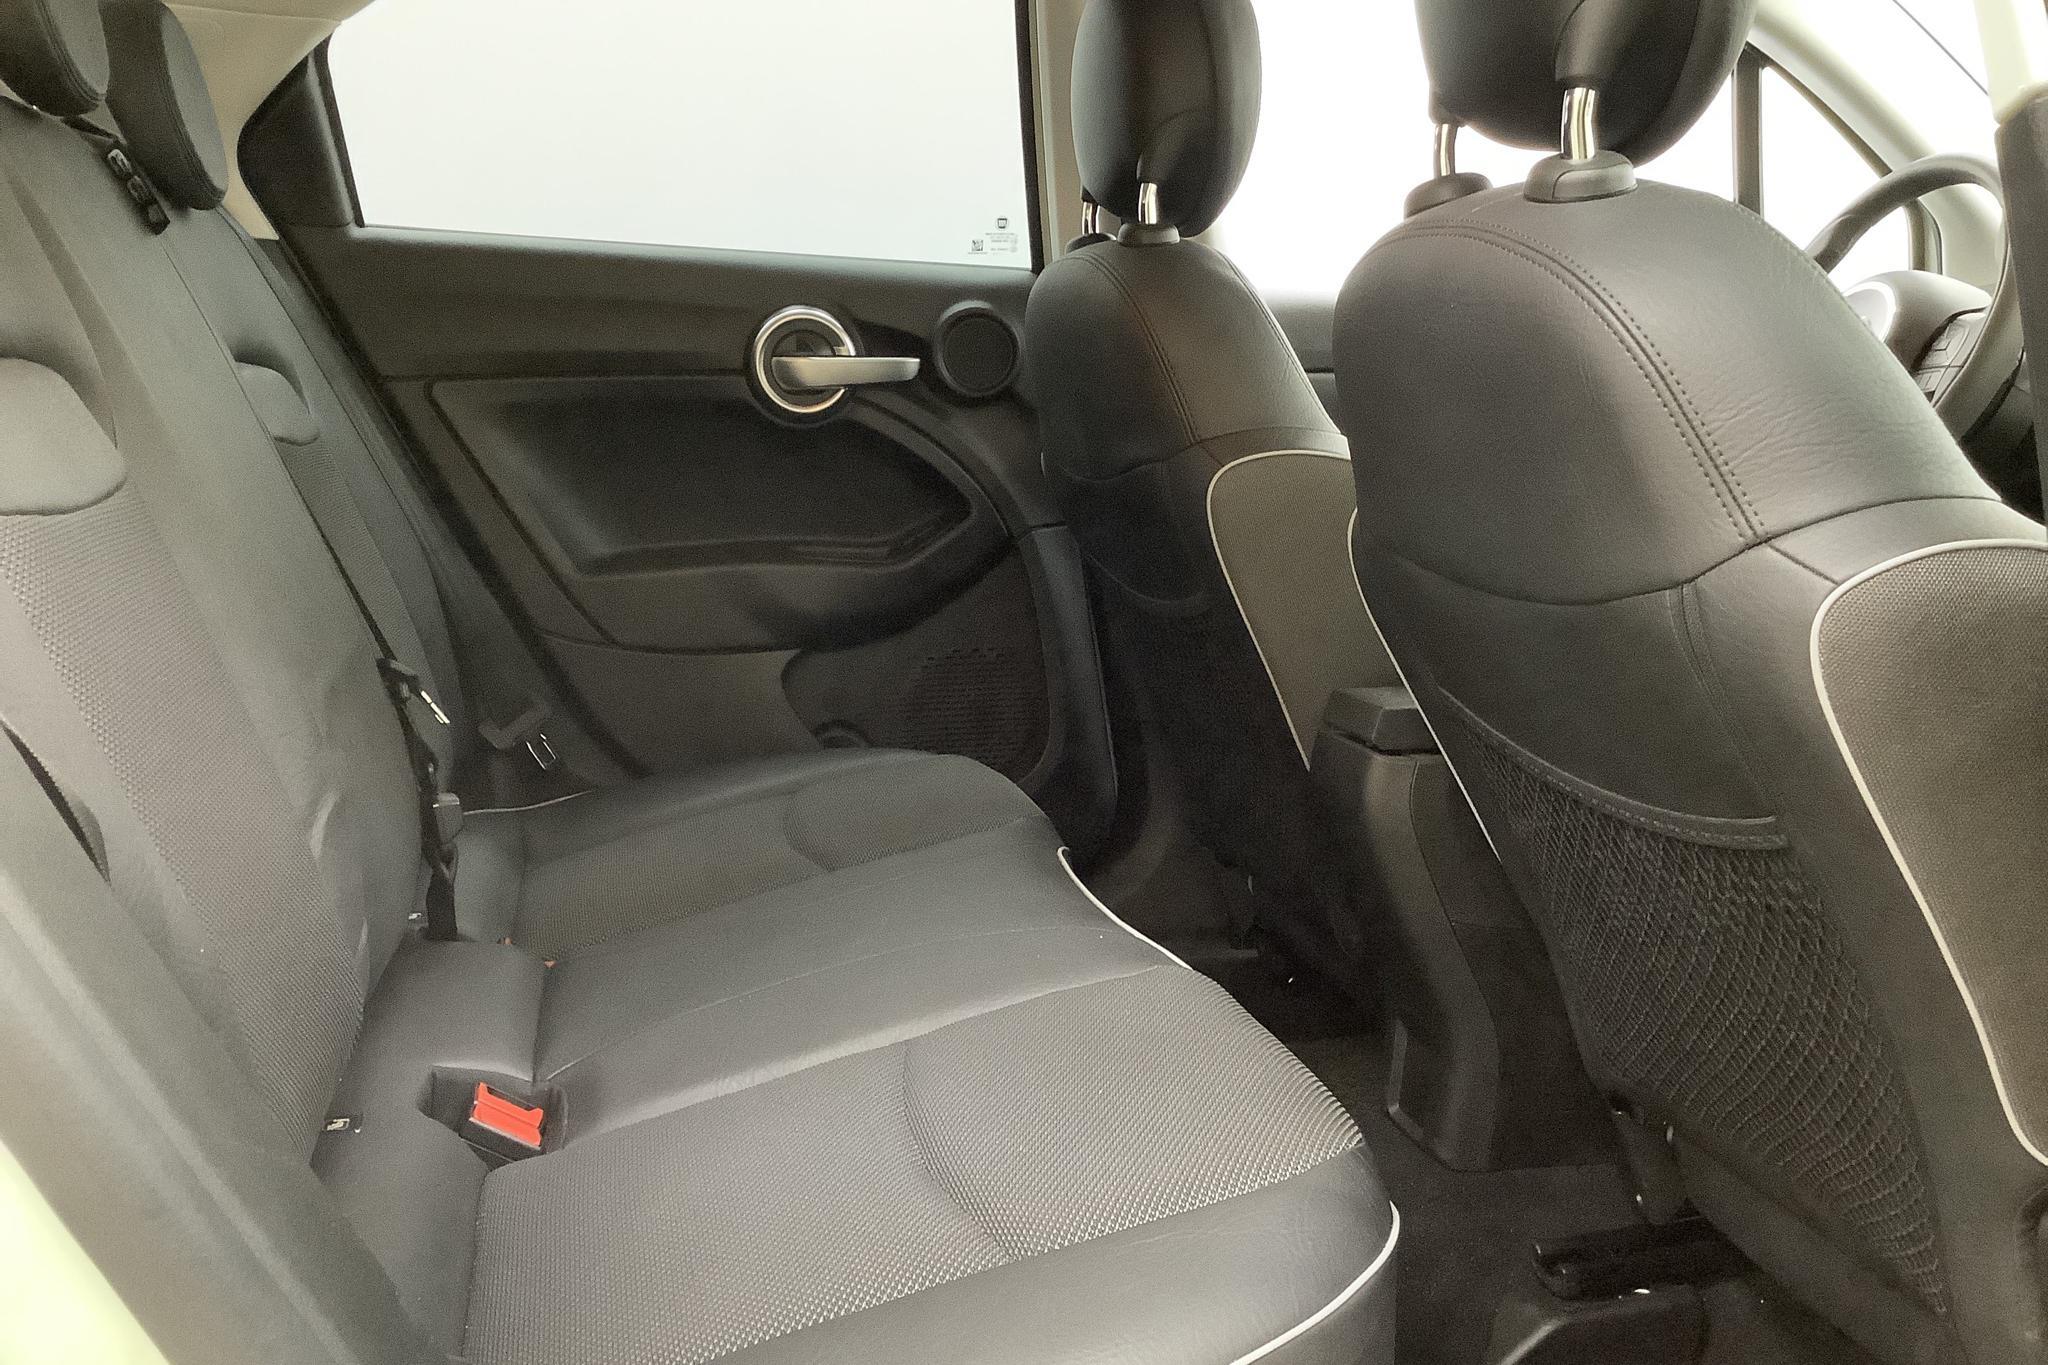 Fiat 500X 1.4 T-Jet AWD (170hk) - 42 820 km - Automatic - white - 2016